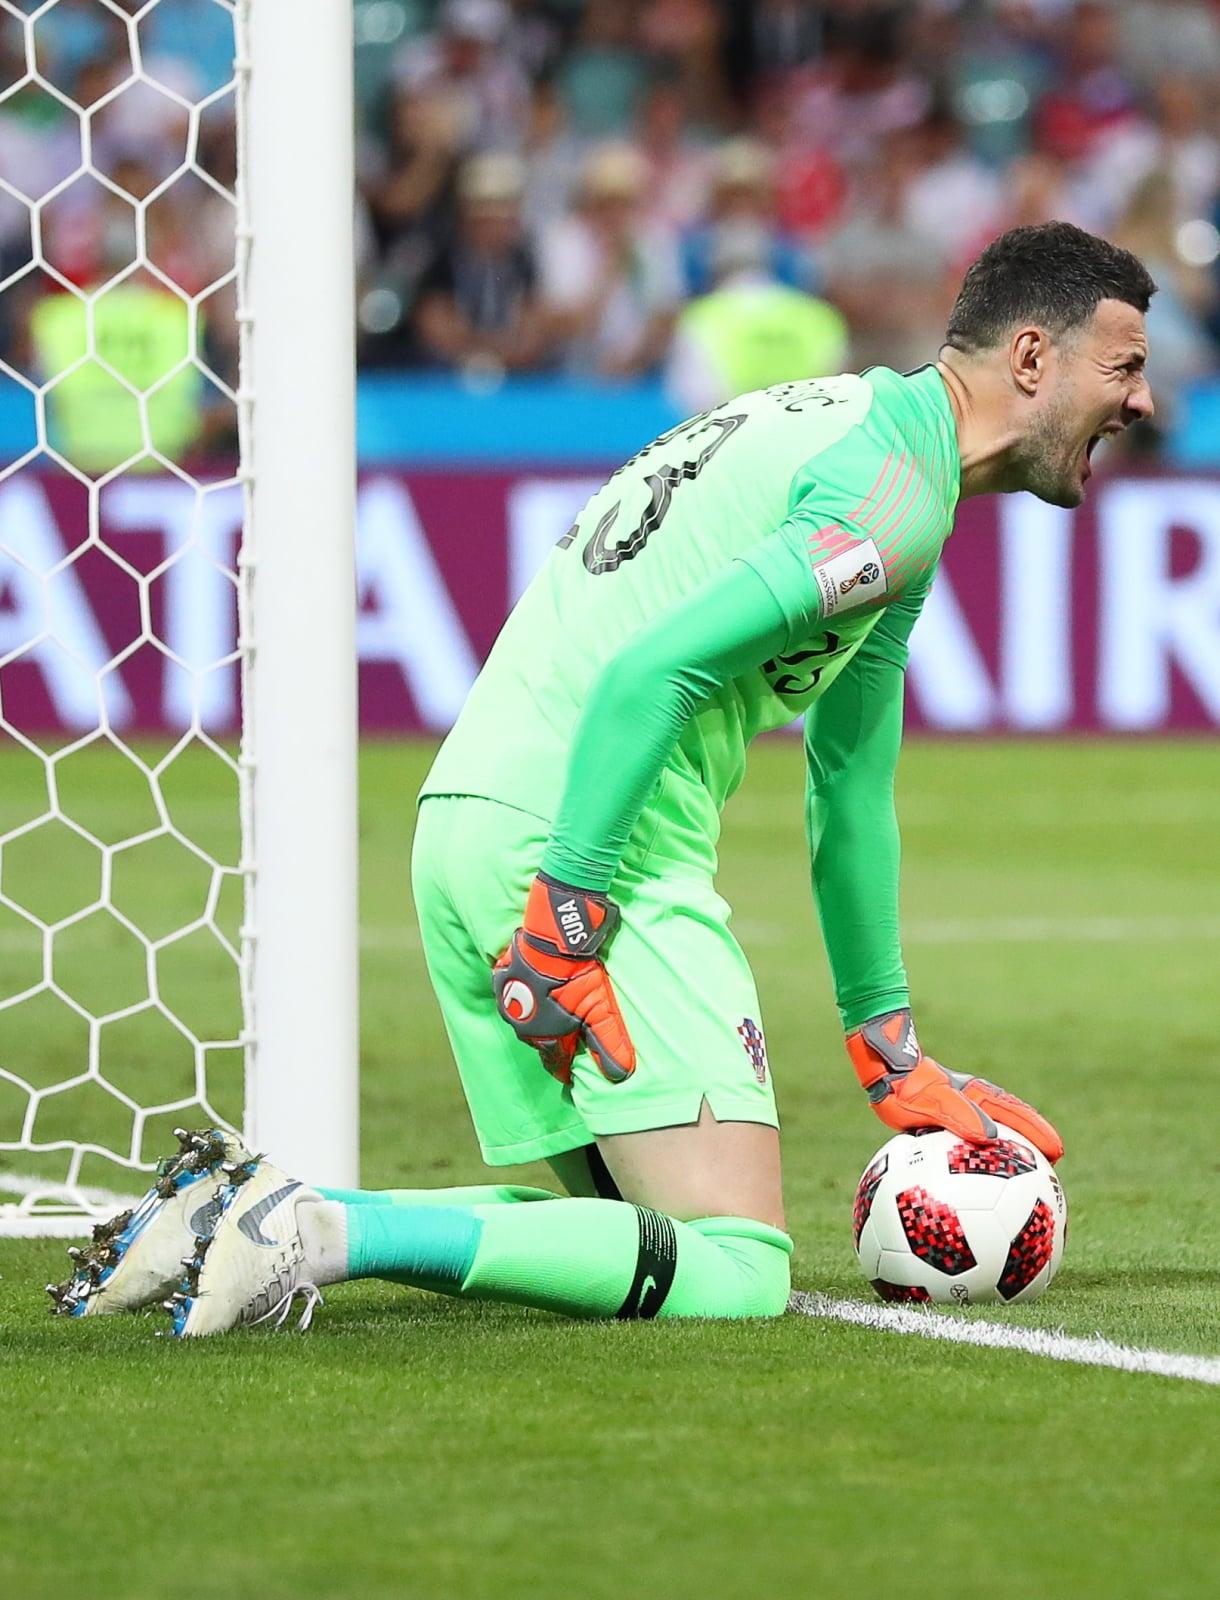 Skurcz chorwackiego bramkarza Danijela Subasica pokazuje ogromne zmęczenie piłkarzy. Fot. PAP/EPA/FRIEDEMANN VOGEL